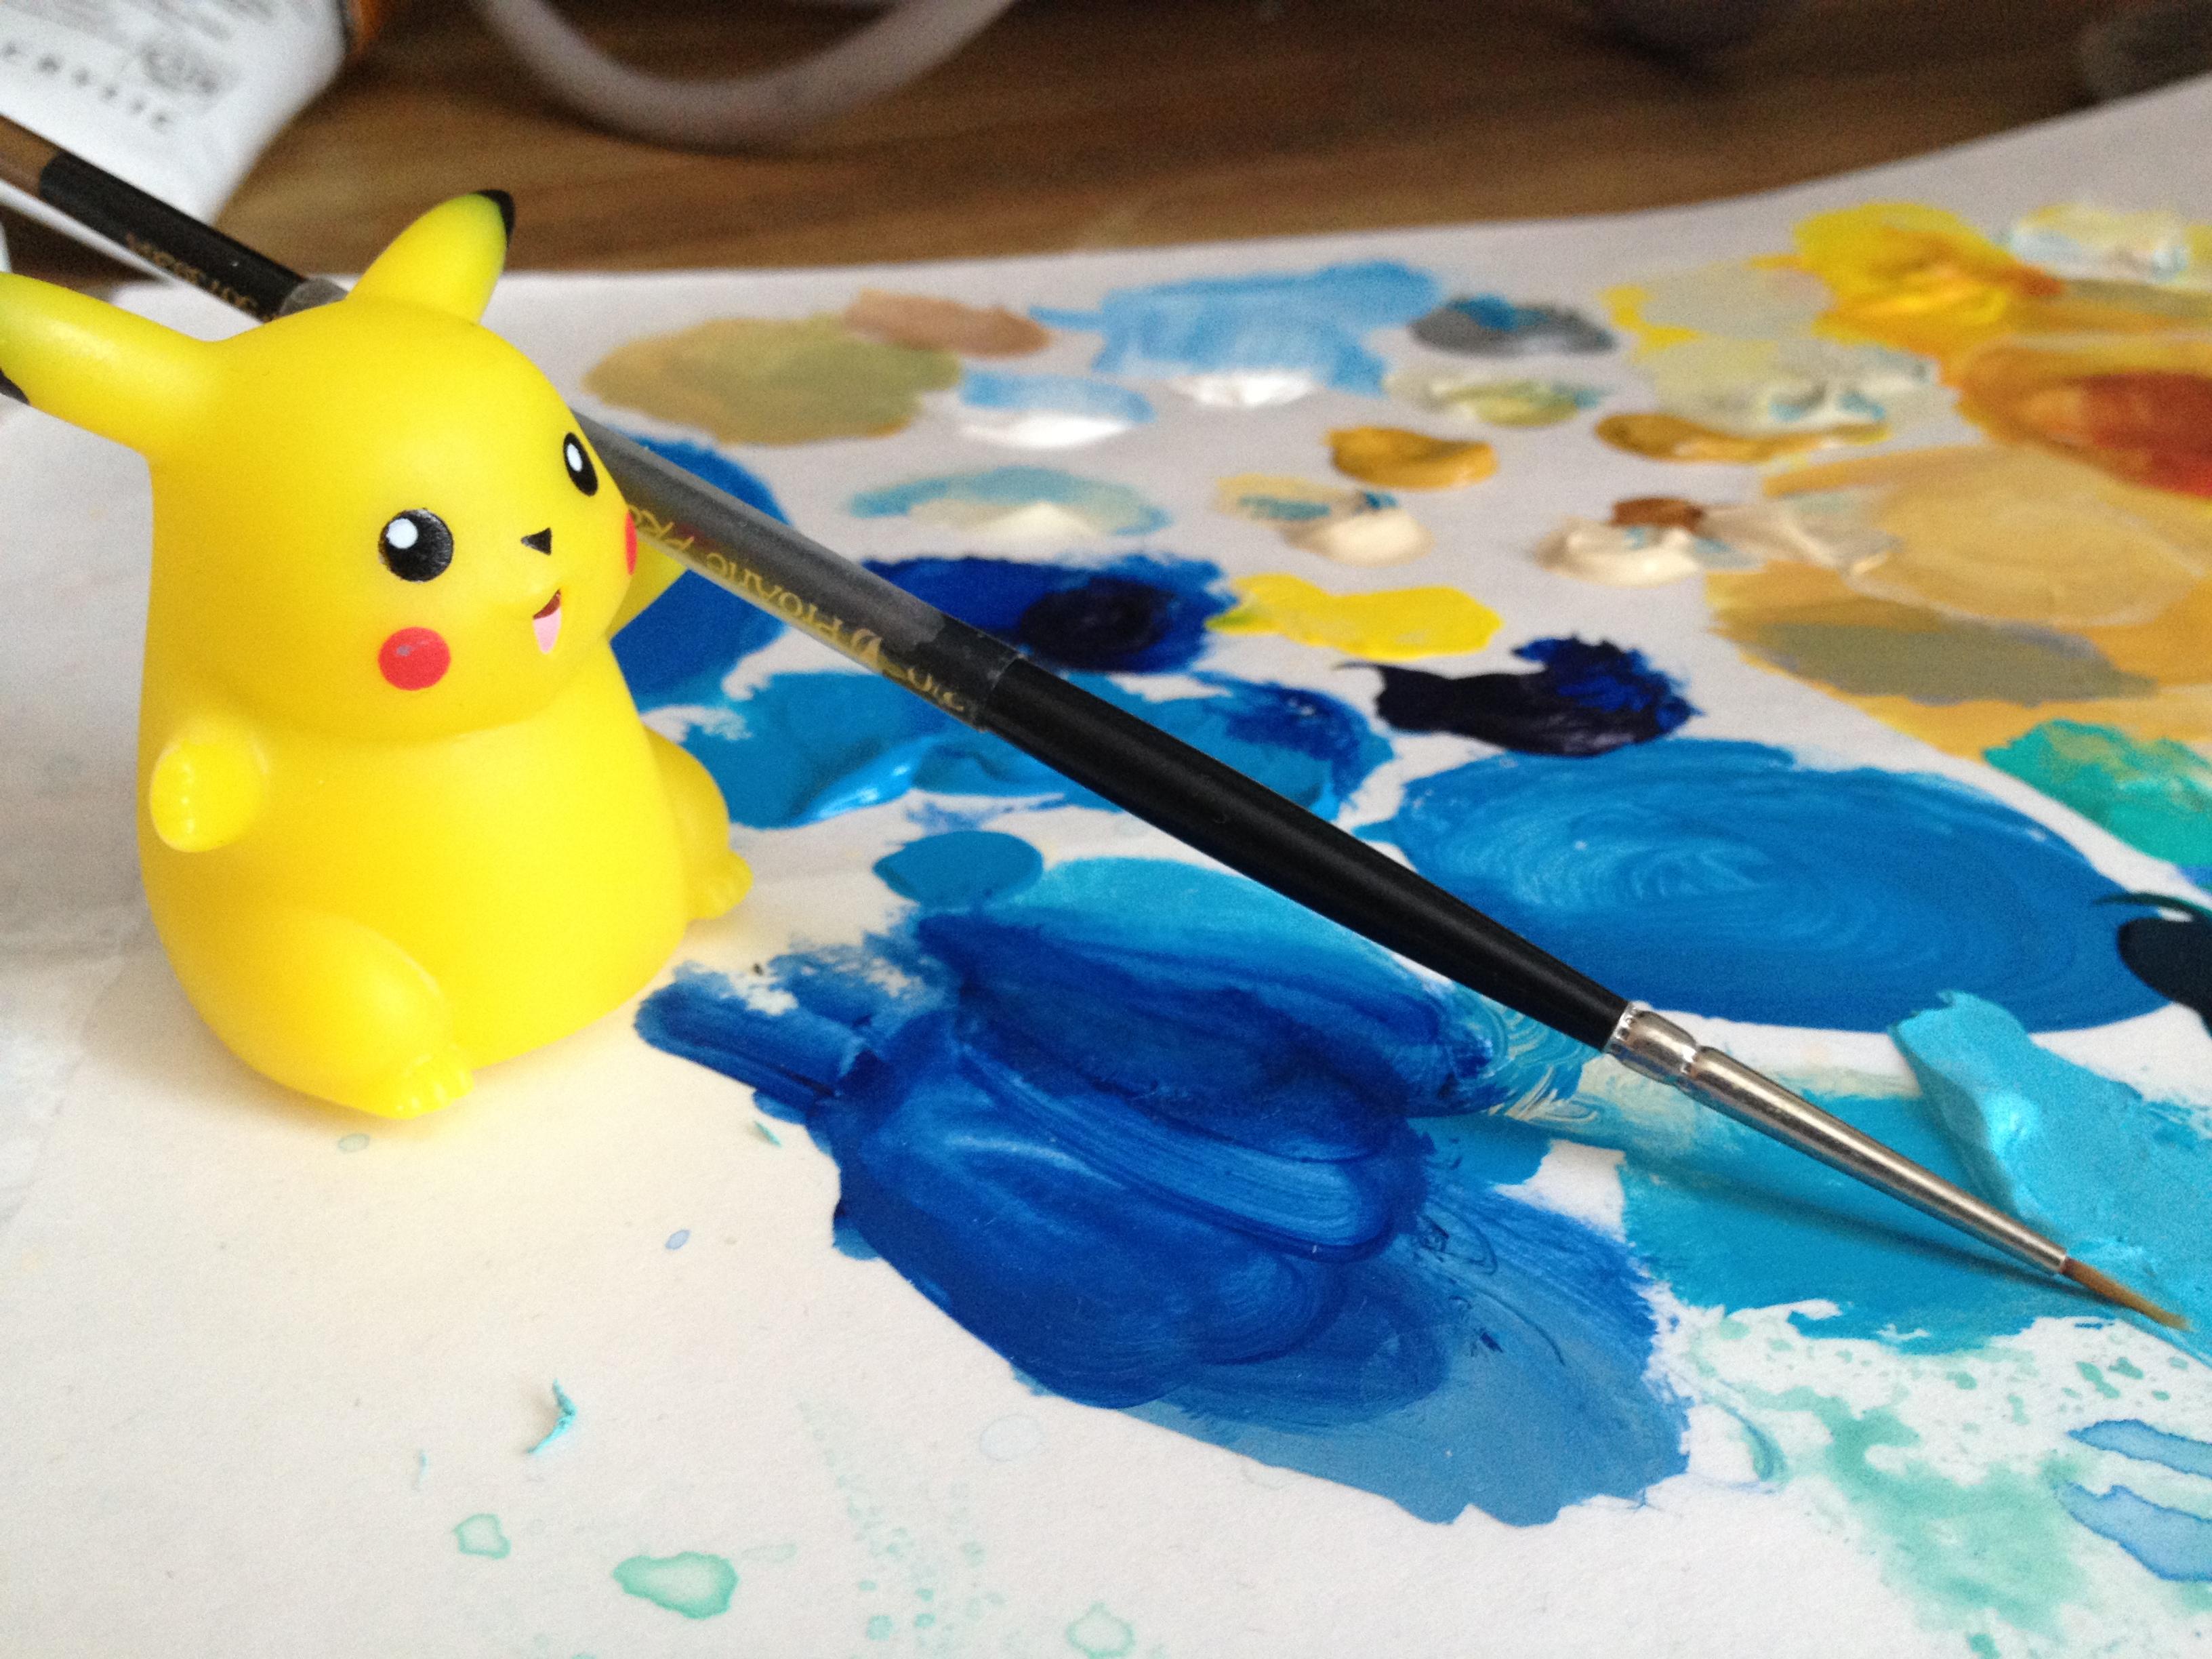 Pikachoo helps June Sees